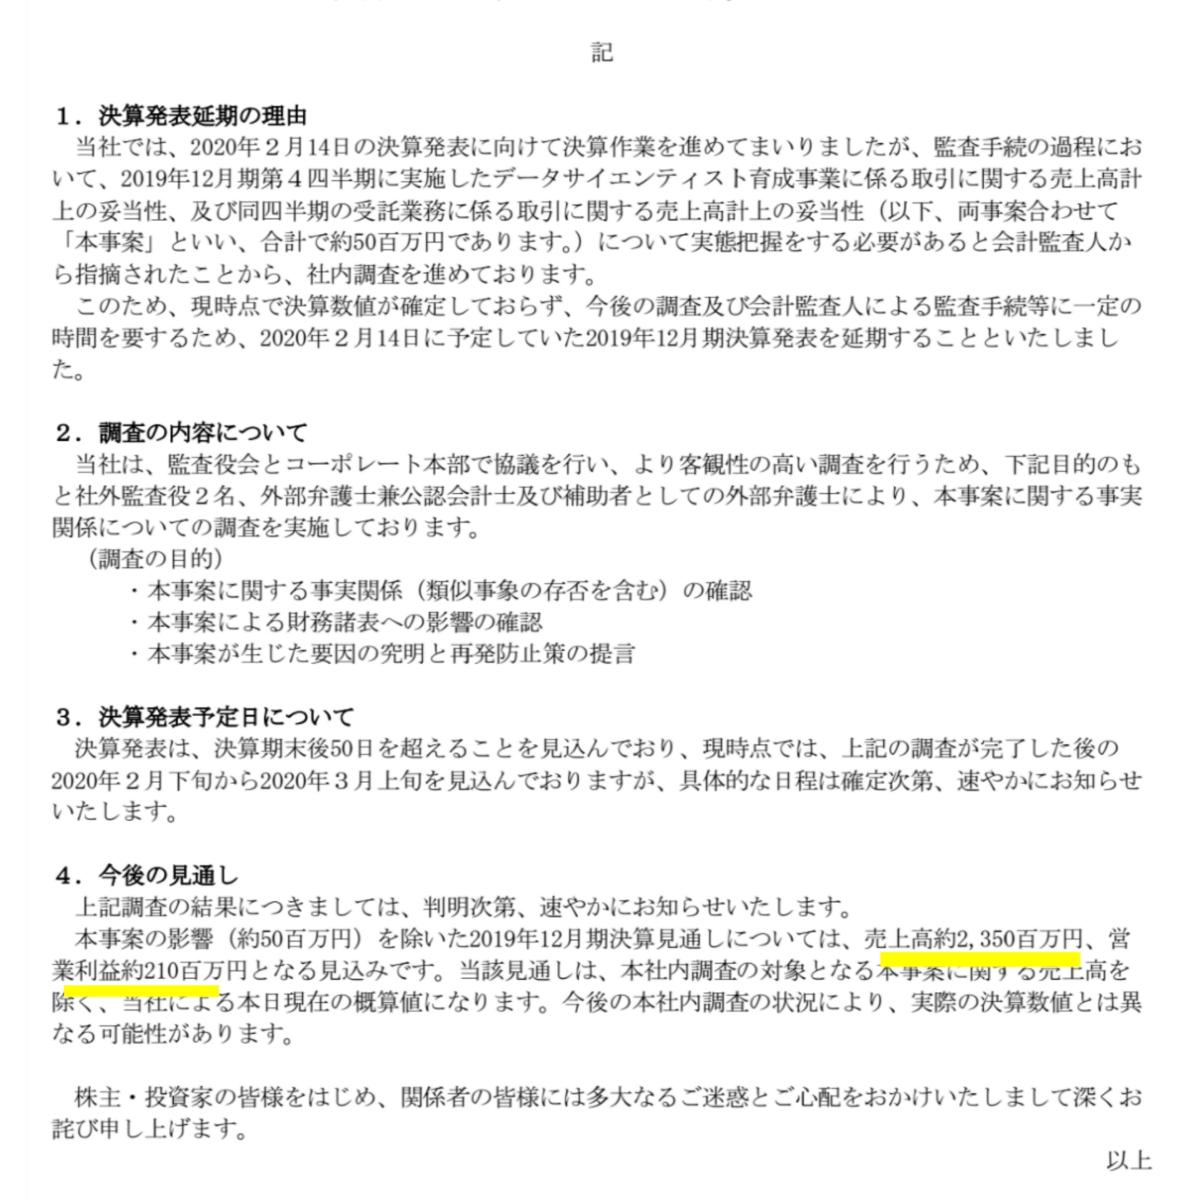 3906 - (株)ALBERT ネタバレかよ!草